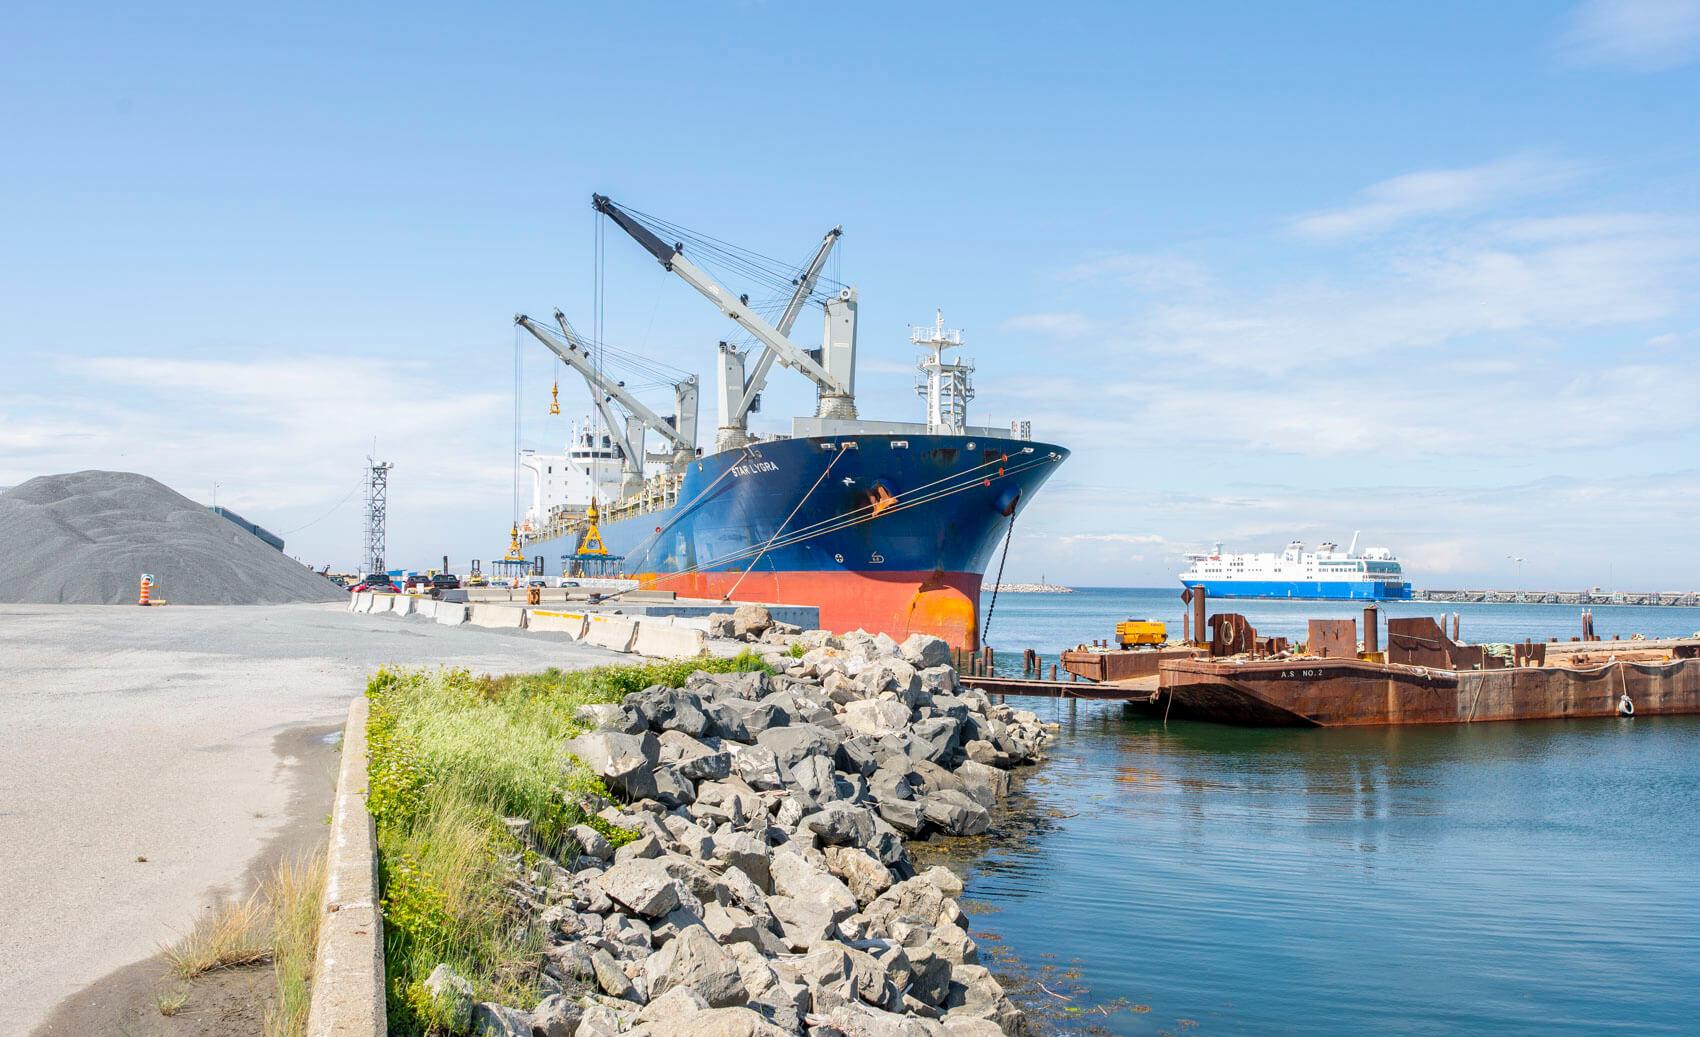 Quai commercial port de Matane